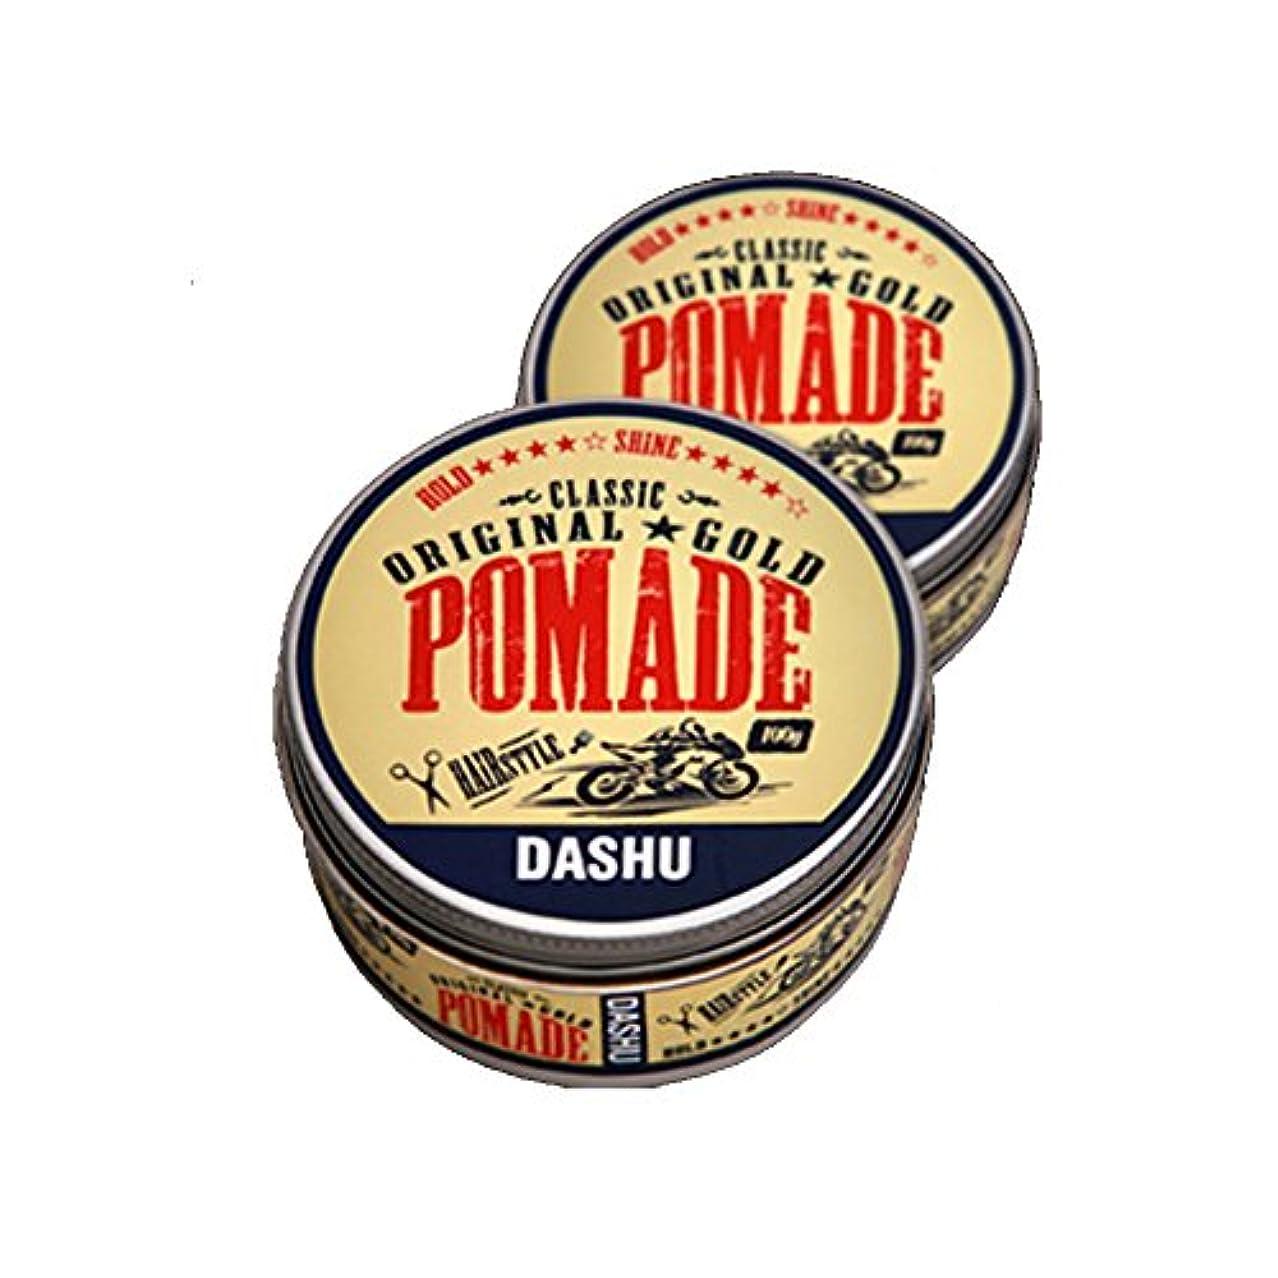 なぜなら食事を調理する正直(2個セット) x [DASHU] ダシュ クラシックオリジナルゴールドポマードヘアワックス Classic Original Gold Pomade Hair Wax 100ml / 韓国製 . 韓国直送品